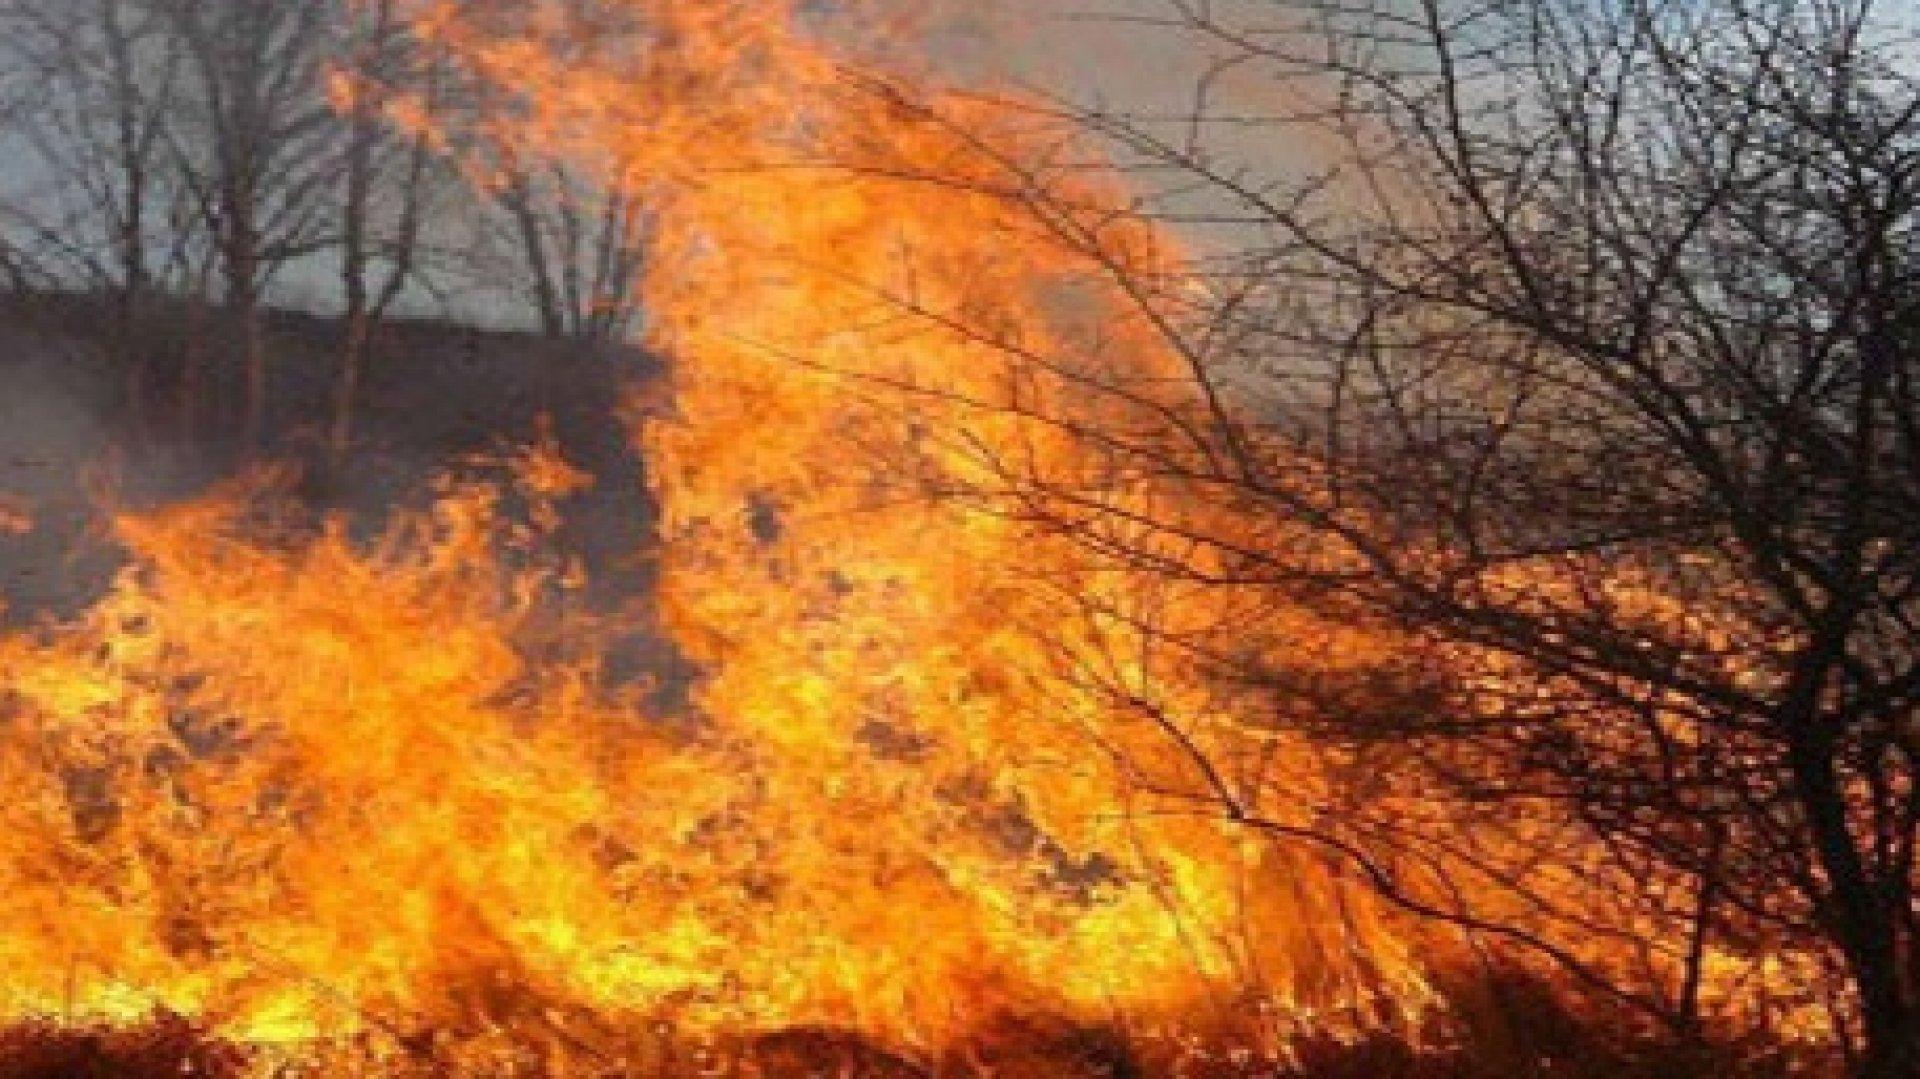 Detalii pagina - Arderea miriştilor şi a resturilor vegetale este ilegală şi periculoasă!